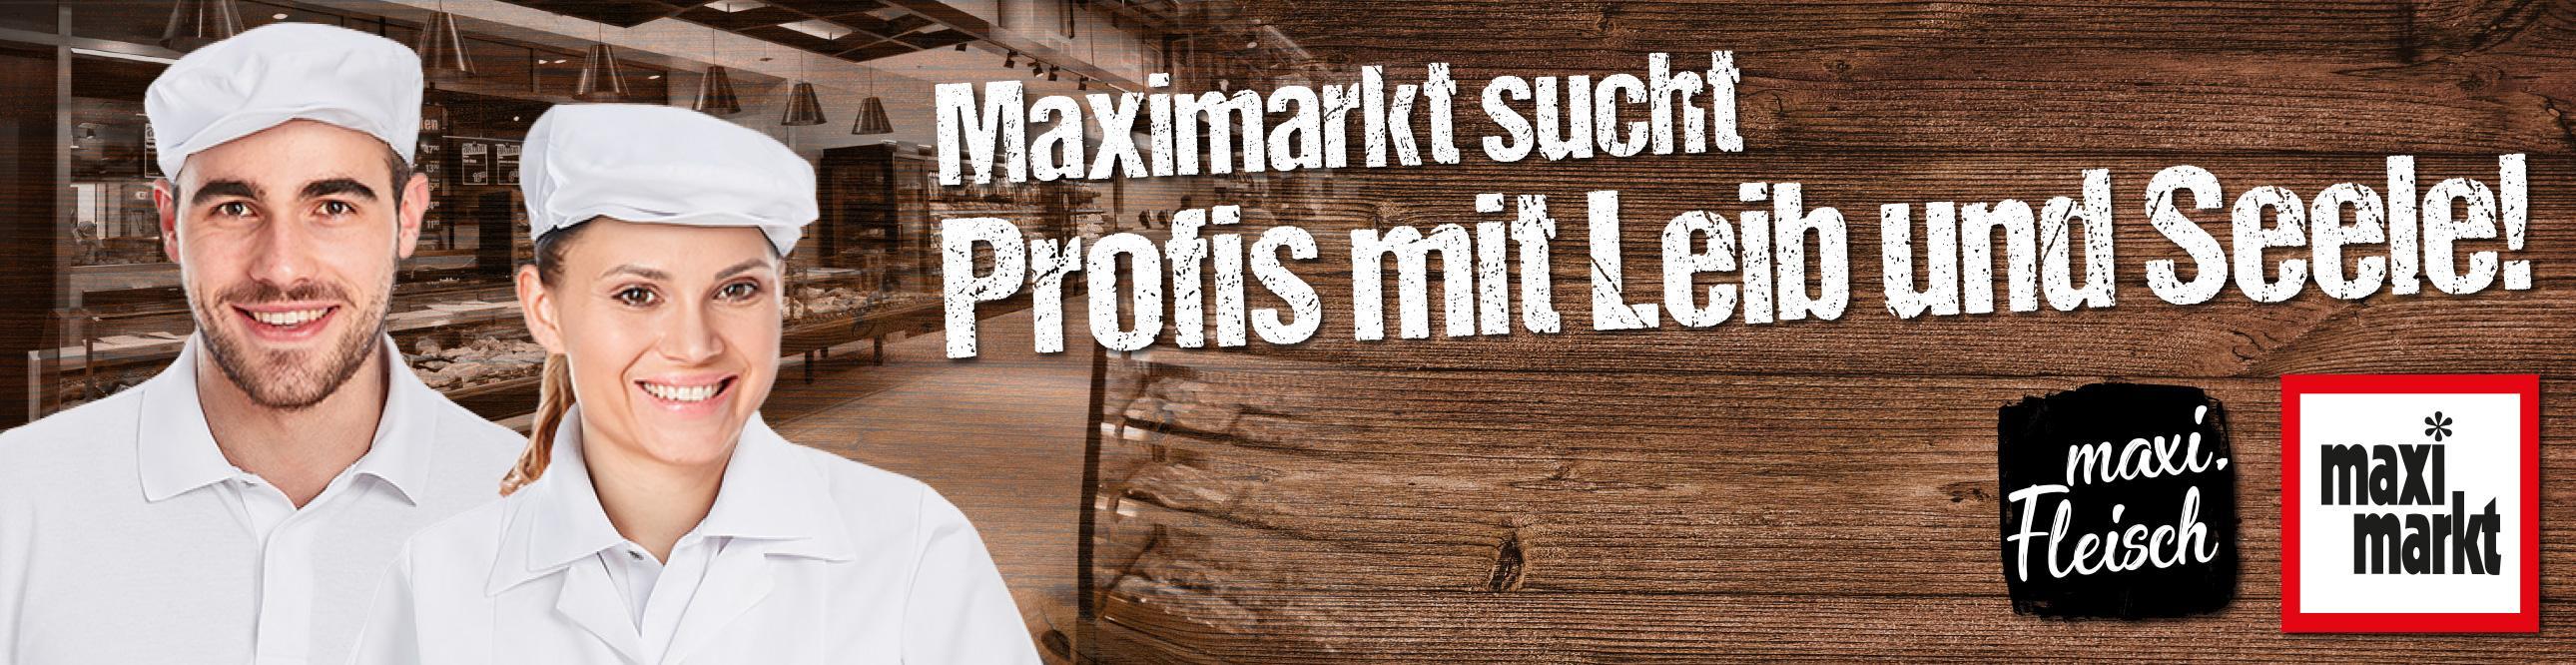 Abteilungsleiter/Fleischermeister für unsere maxi.fleischtheke (m/w/d)